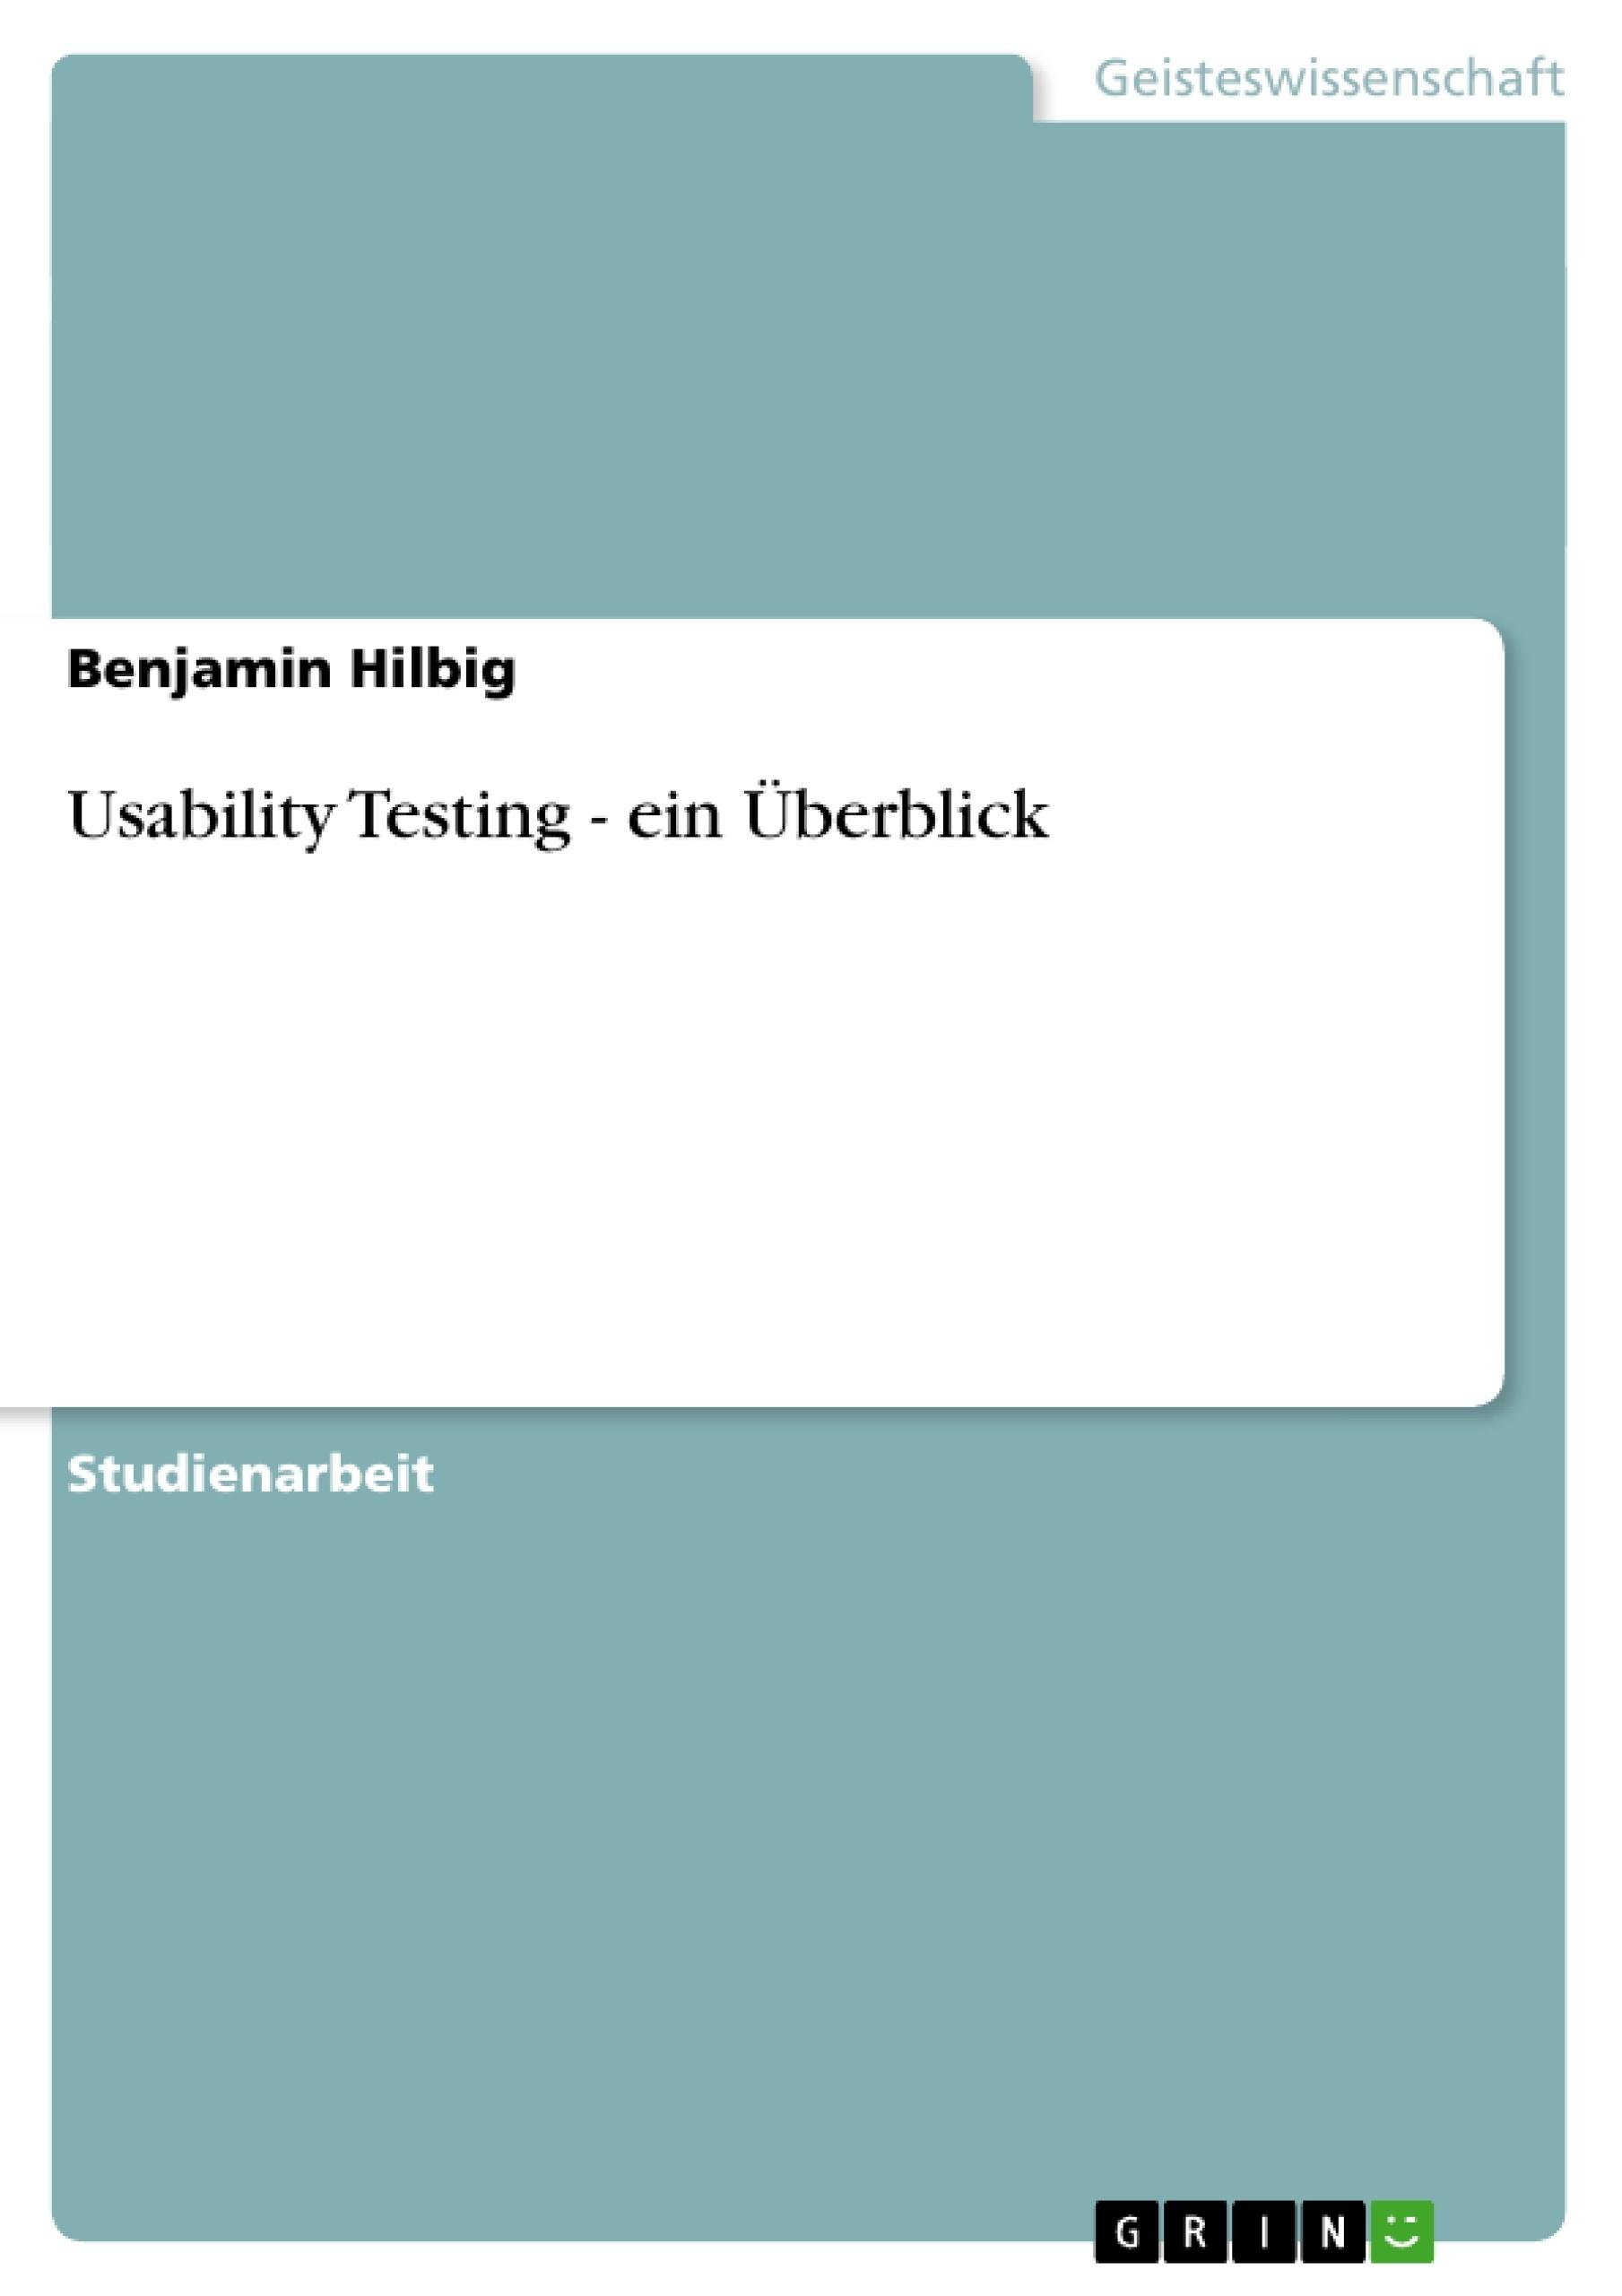 Titel: Usability Testing - ein Überblick